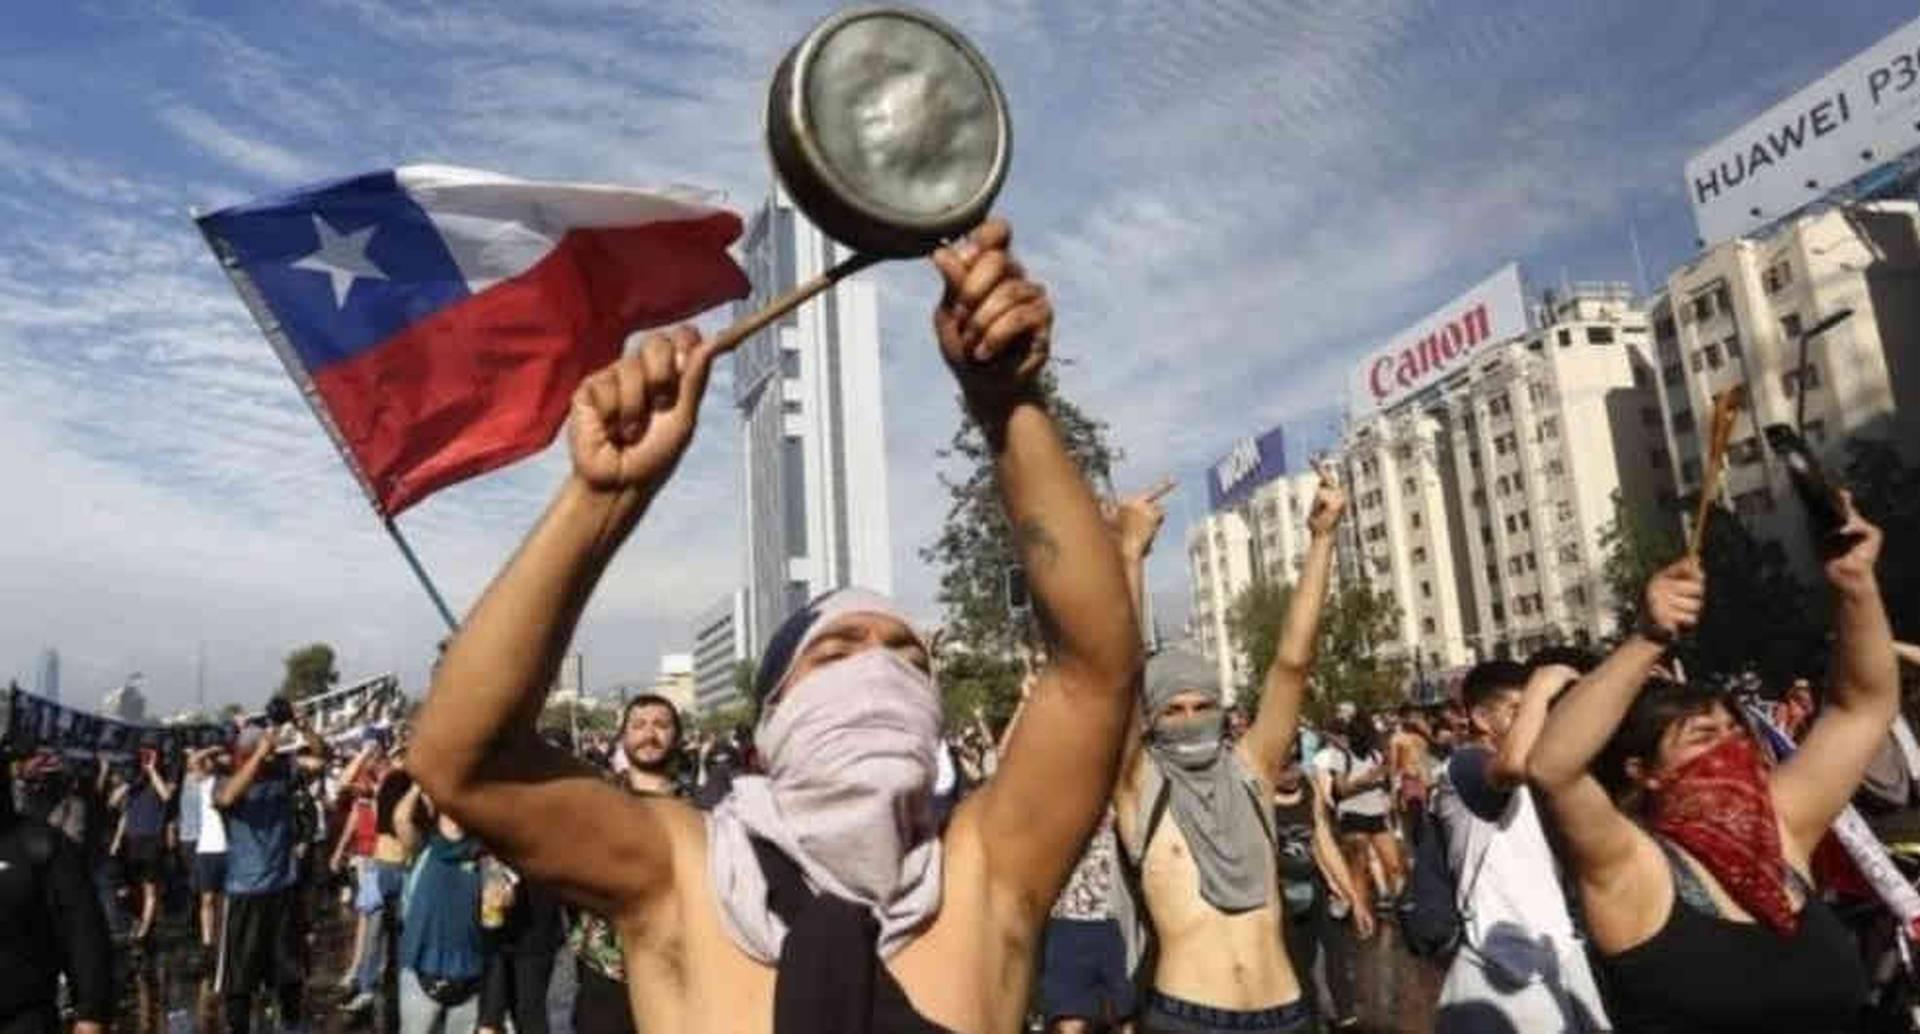 Personas con ollas y en bicicletas rodearon la casa del mandatario para manifestar su inconformidad con el gobierno.